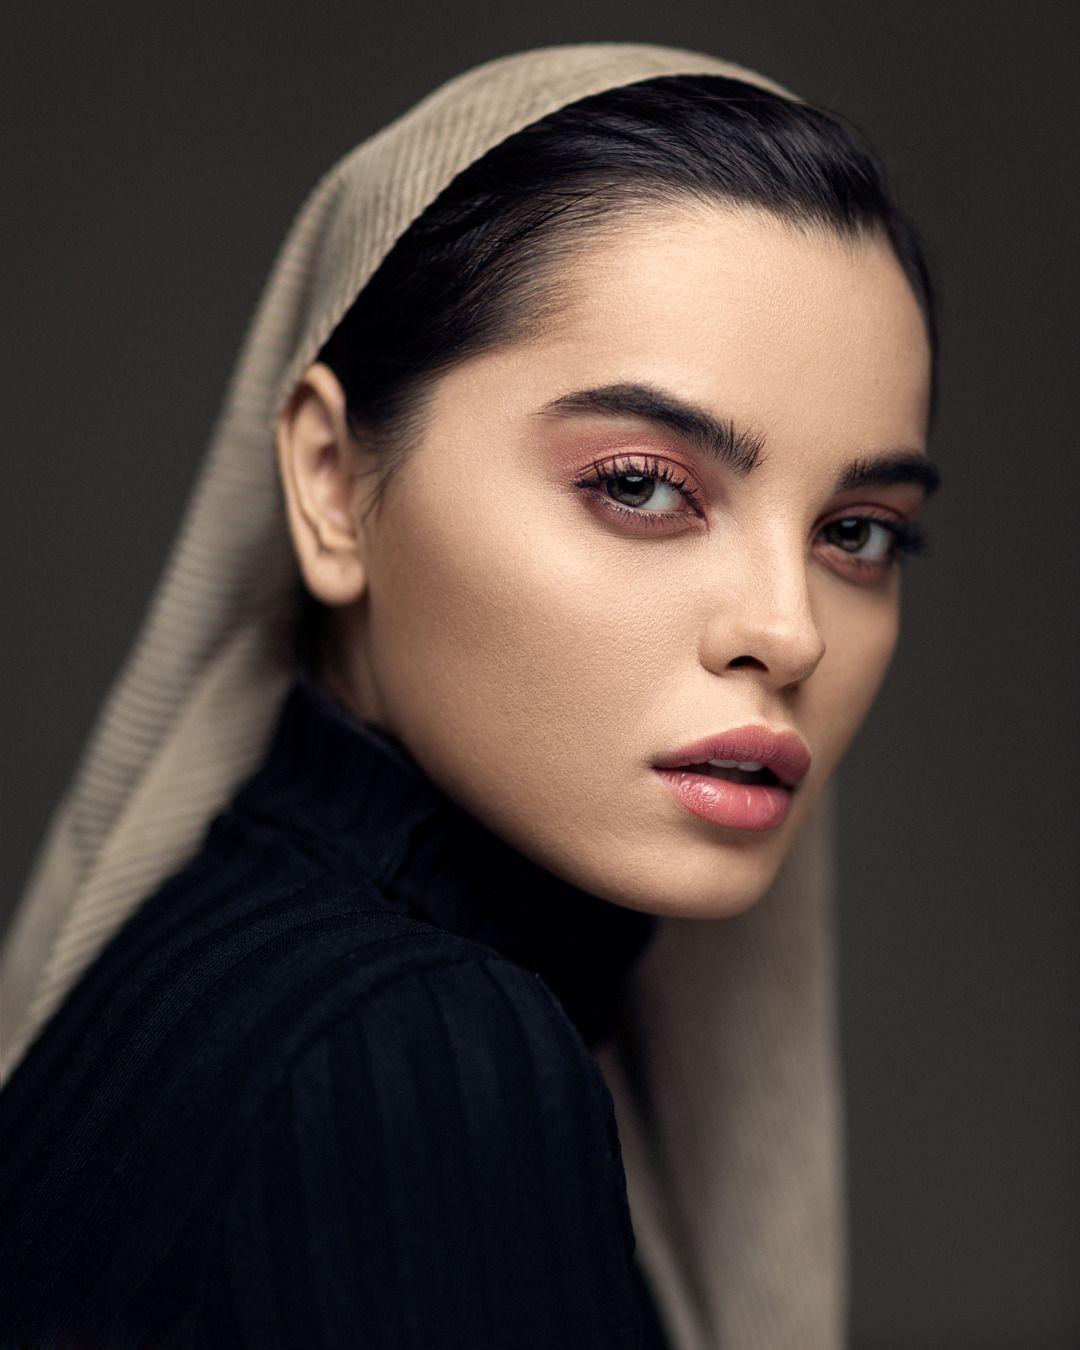 Beauty Portrait Photography: Portrait, Portrait Photography